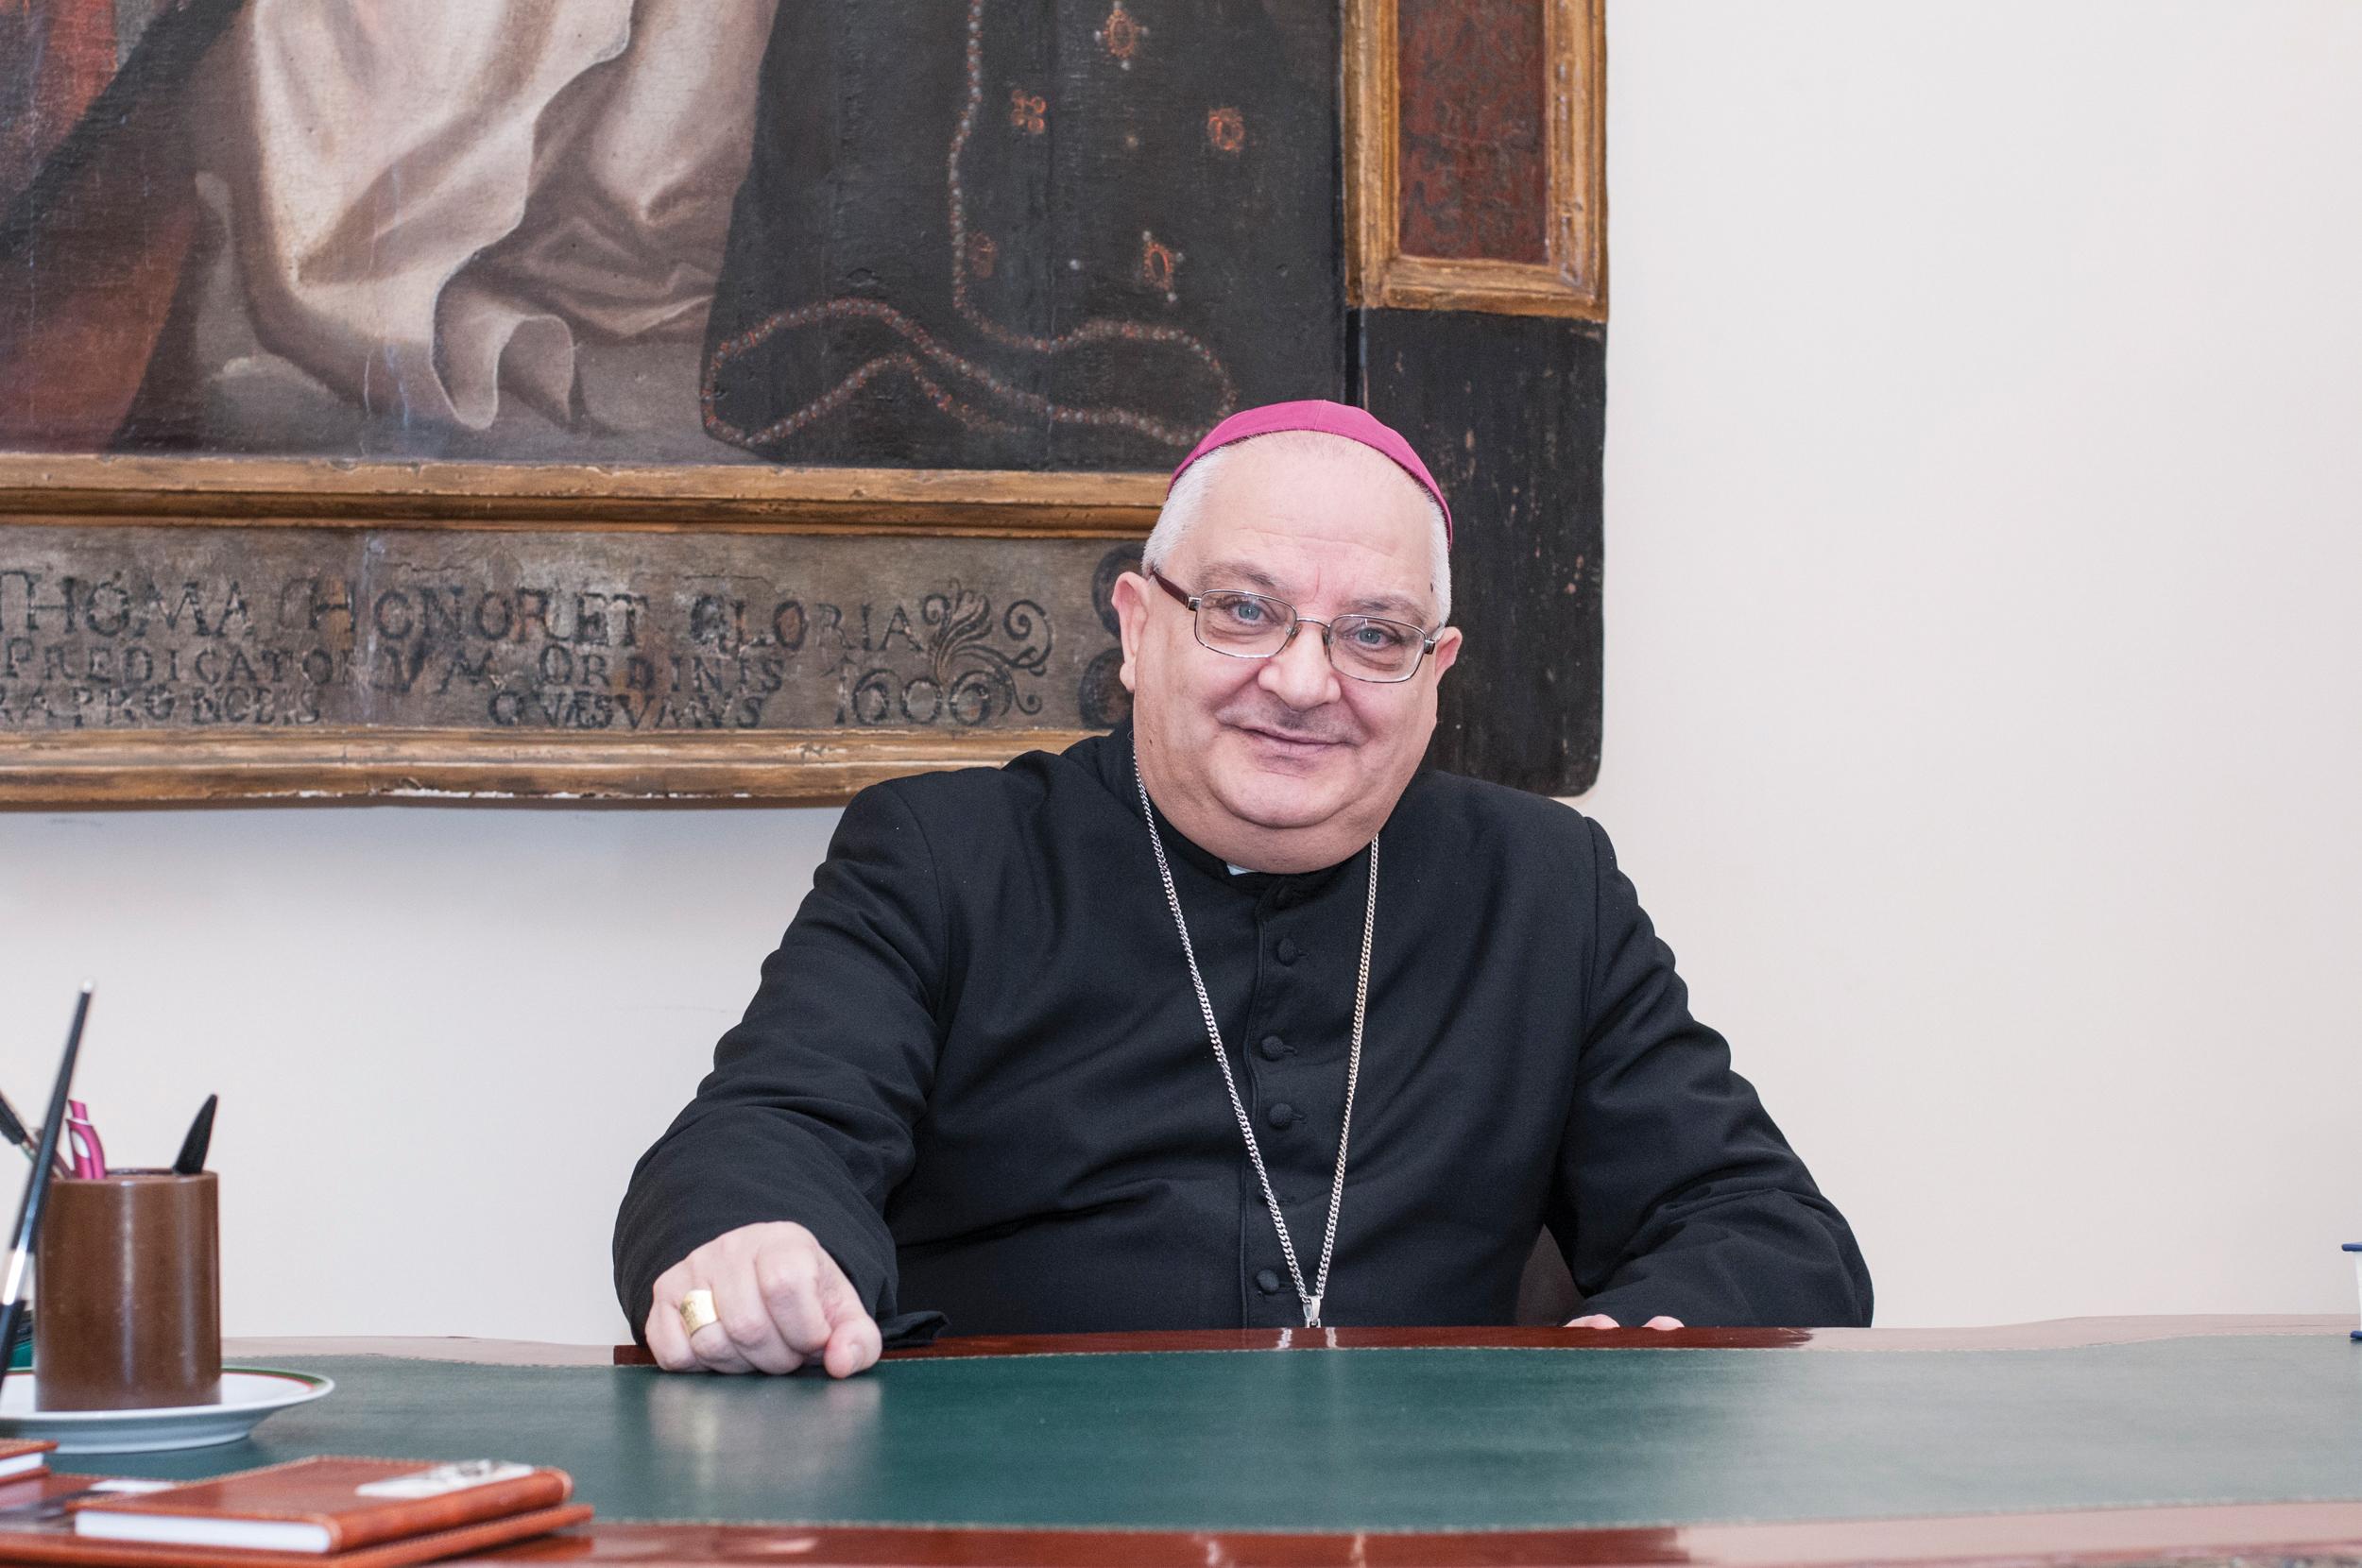 Natale: le indicazioni del vescovo Giudice per le messe